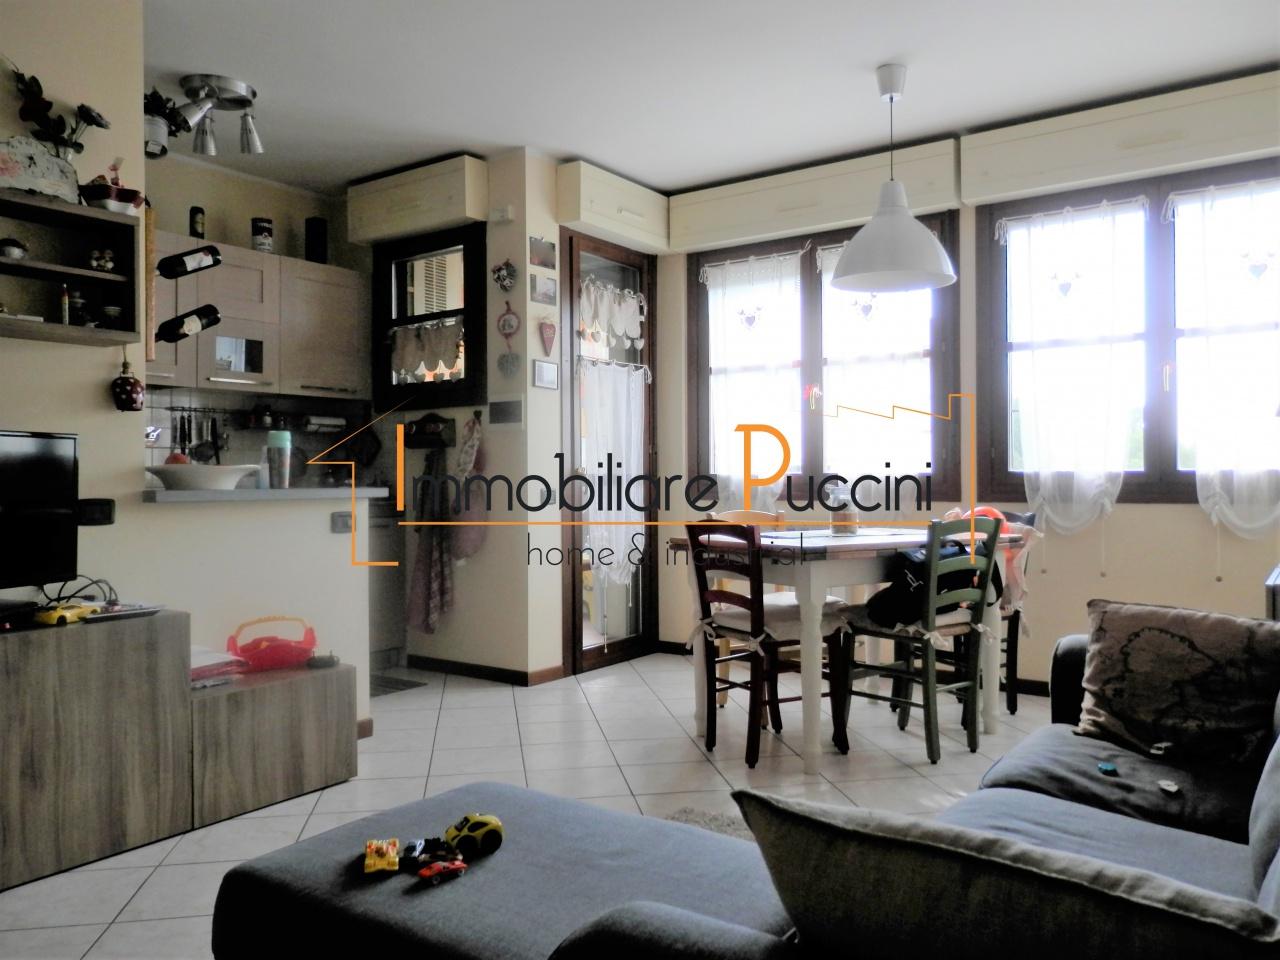 Appartamento in vendita a Calenzano, 3 locali, prezzo € 218.000 | CambioCasa.it